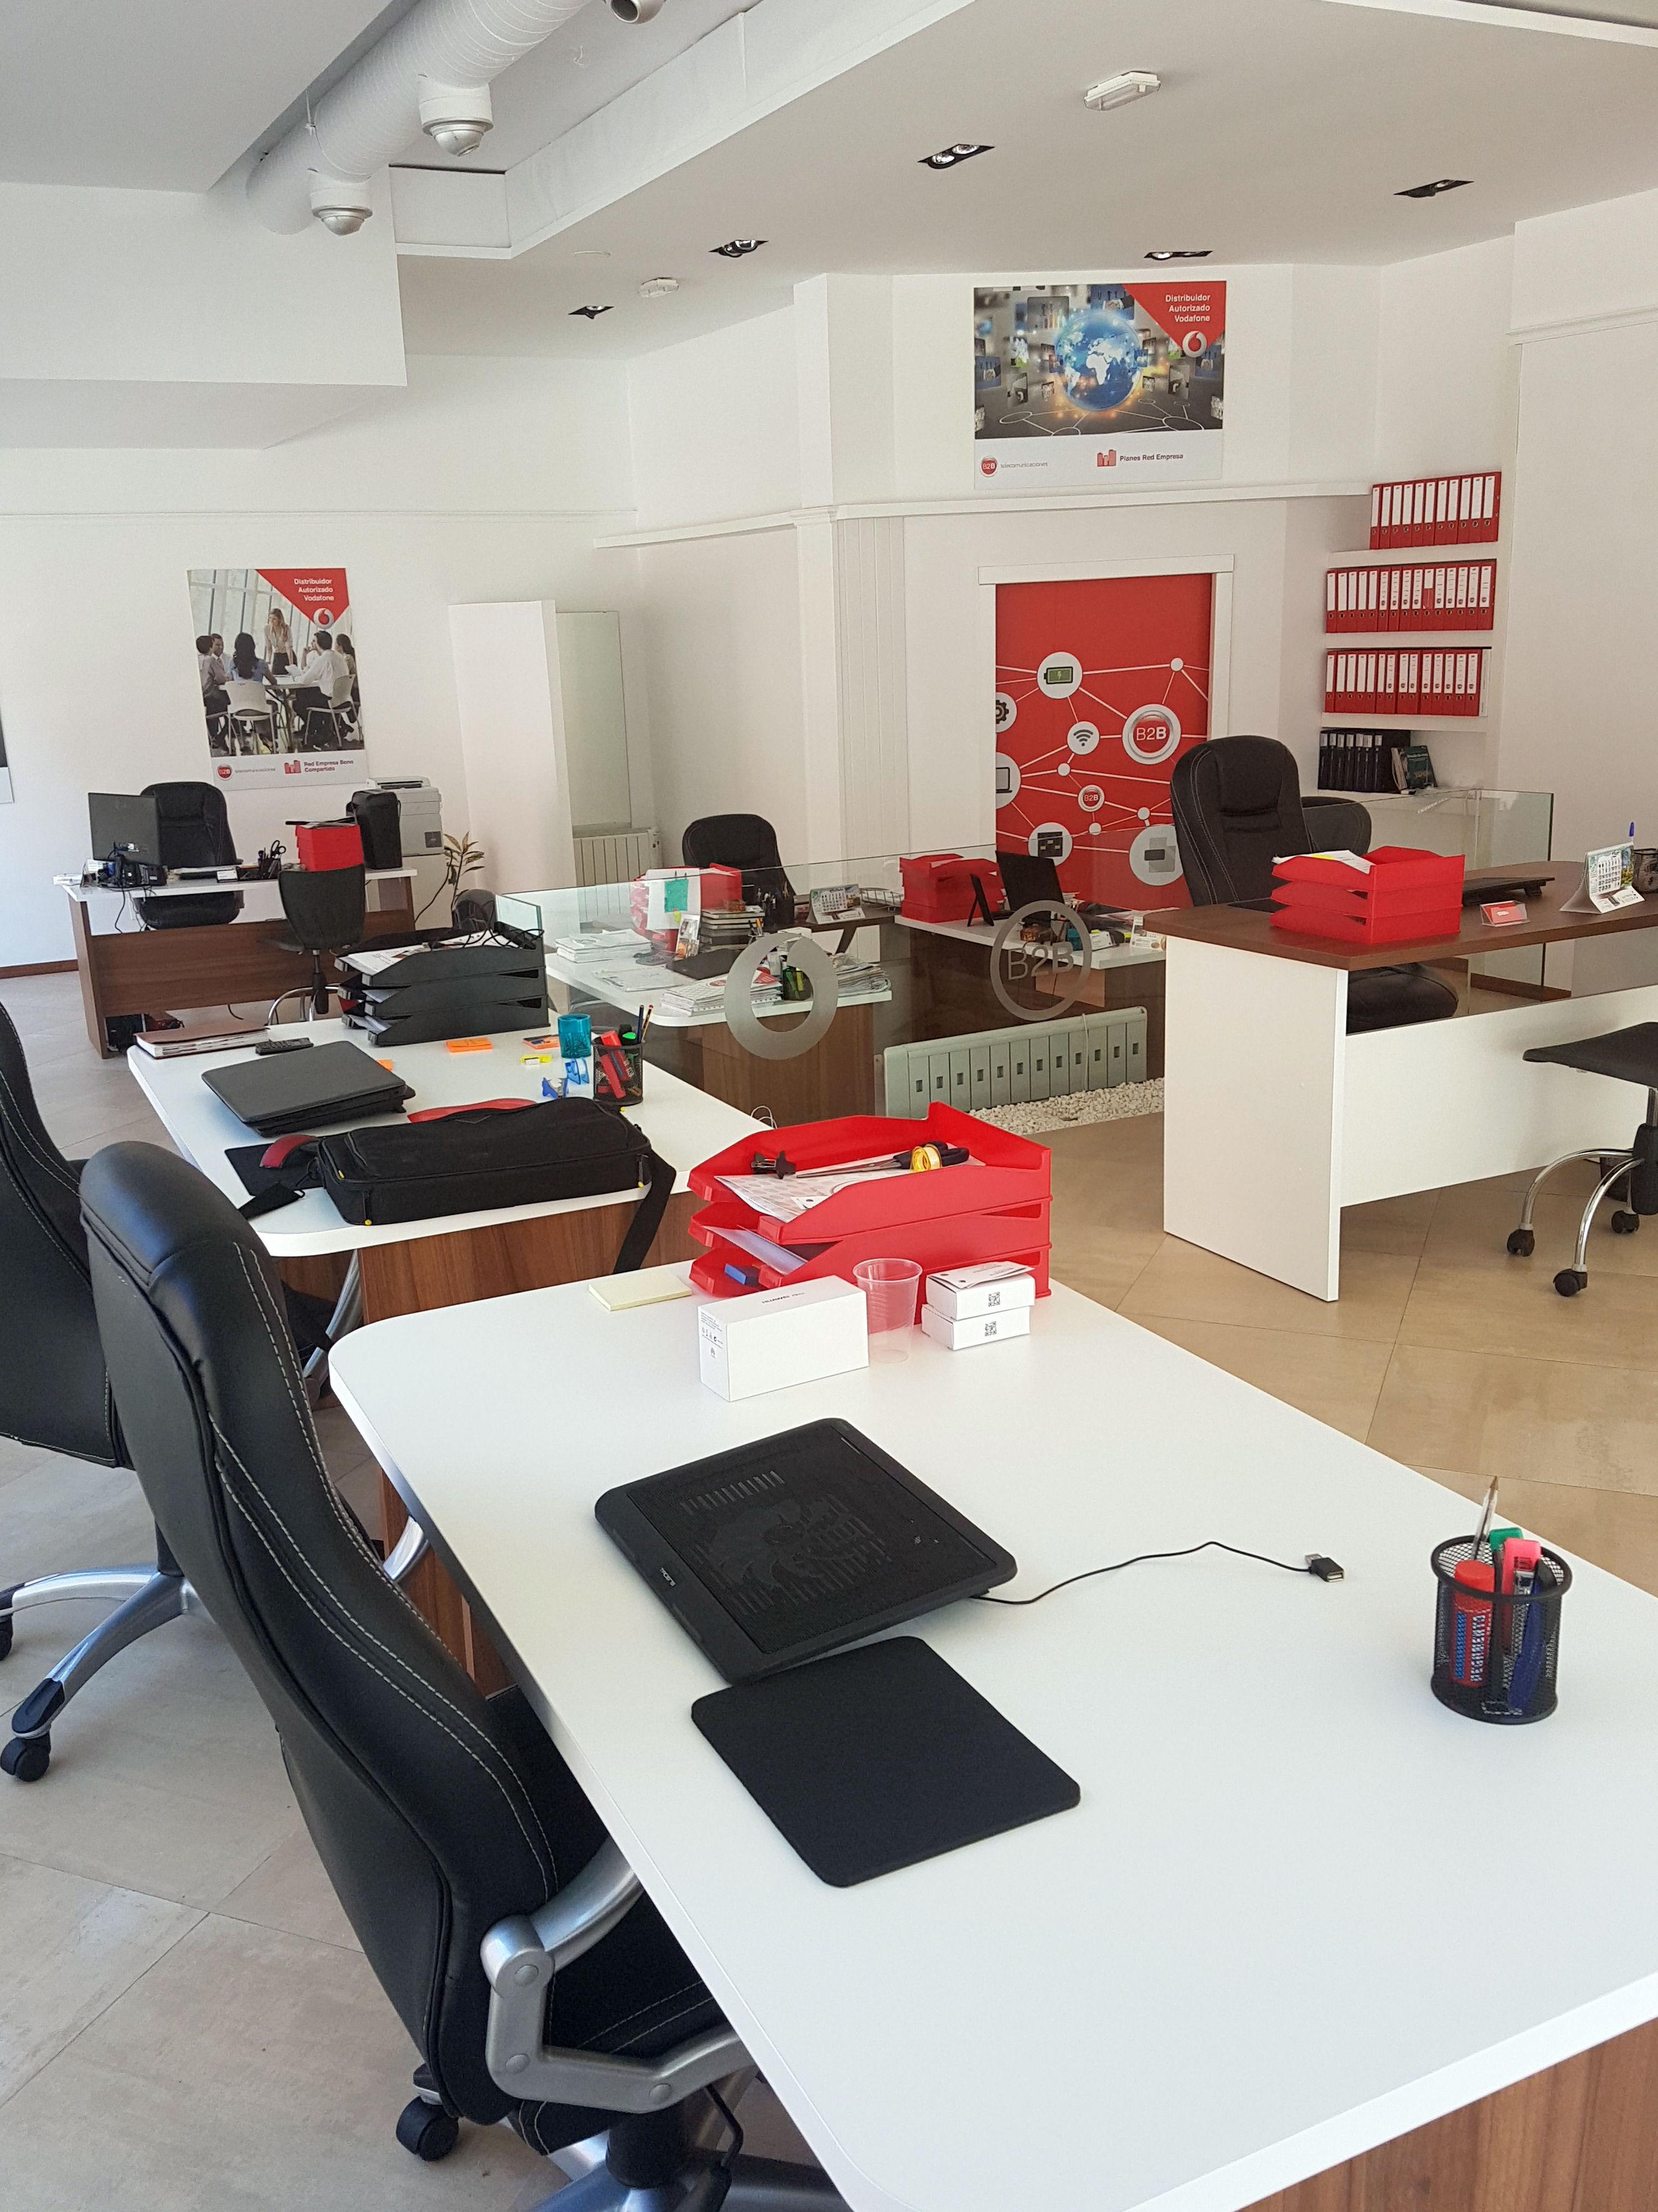 Servicios integrales de telefonía para Pymes en Jaén